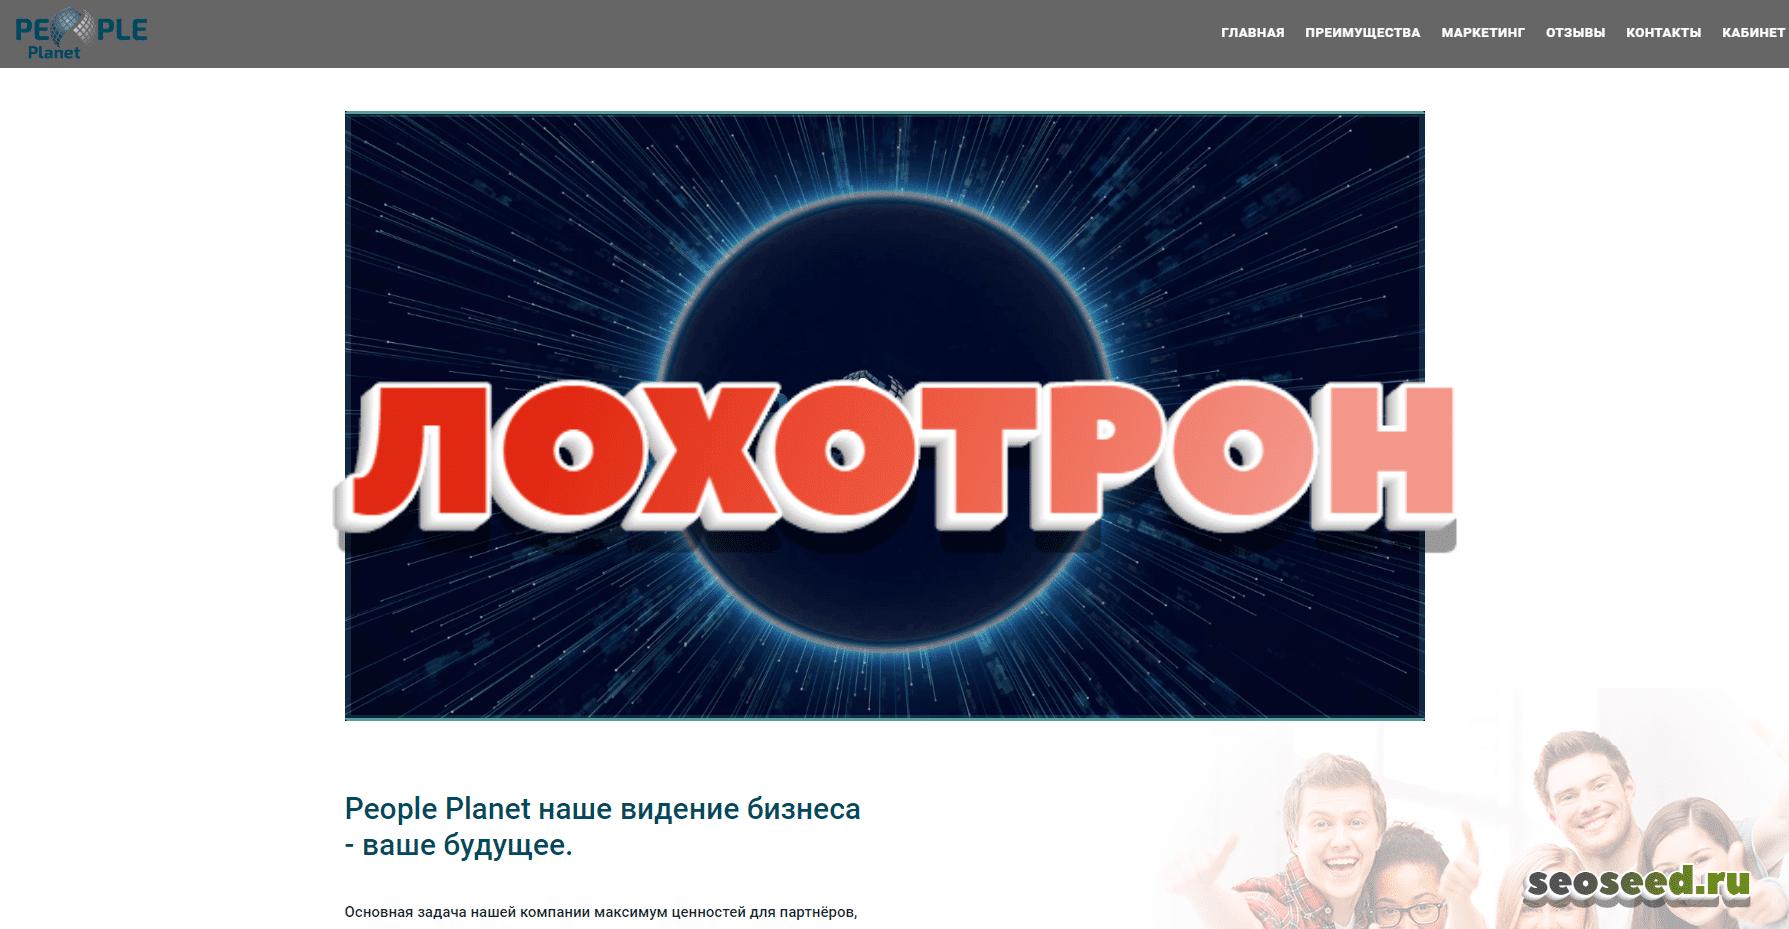 Рeople Рlanet - реальные отзывы и маркетинг pl-planet.com